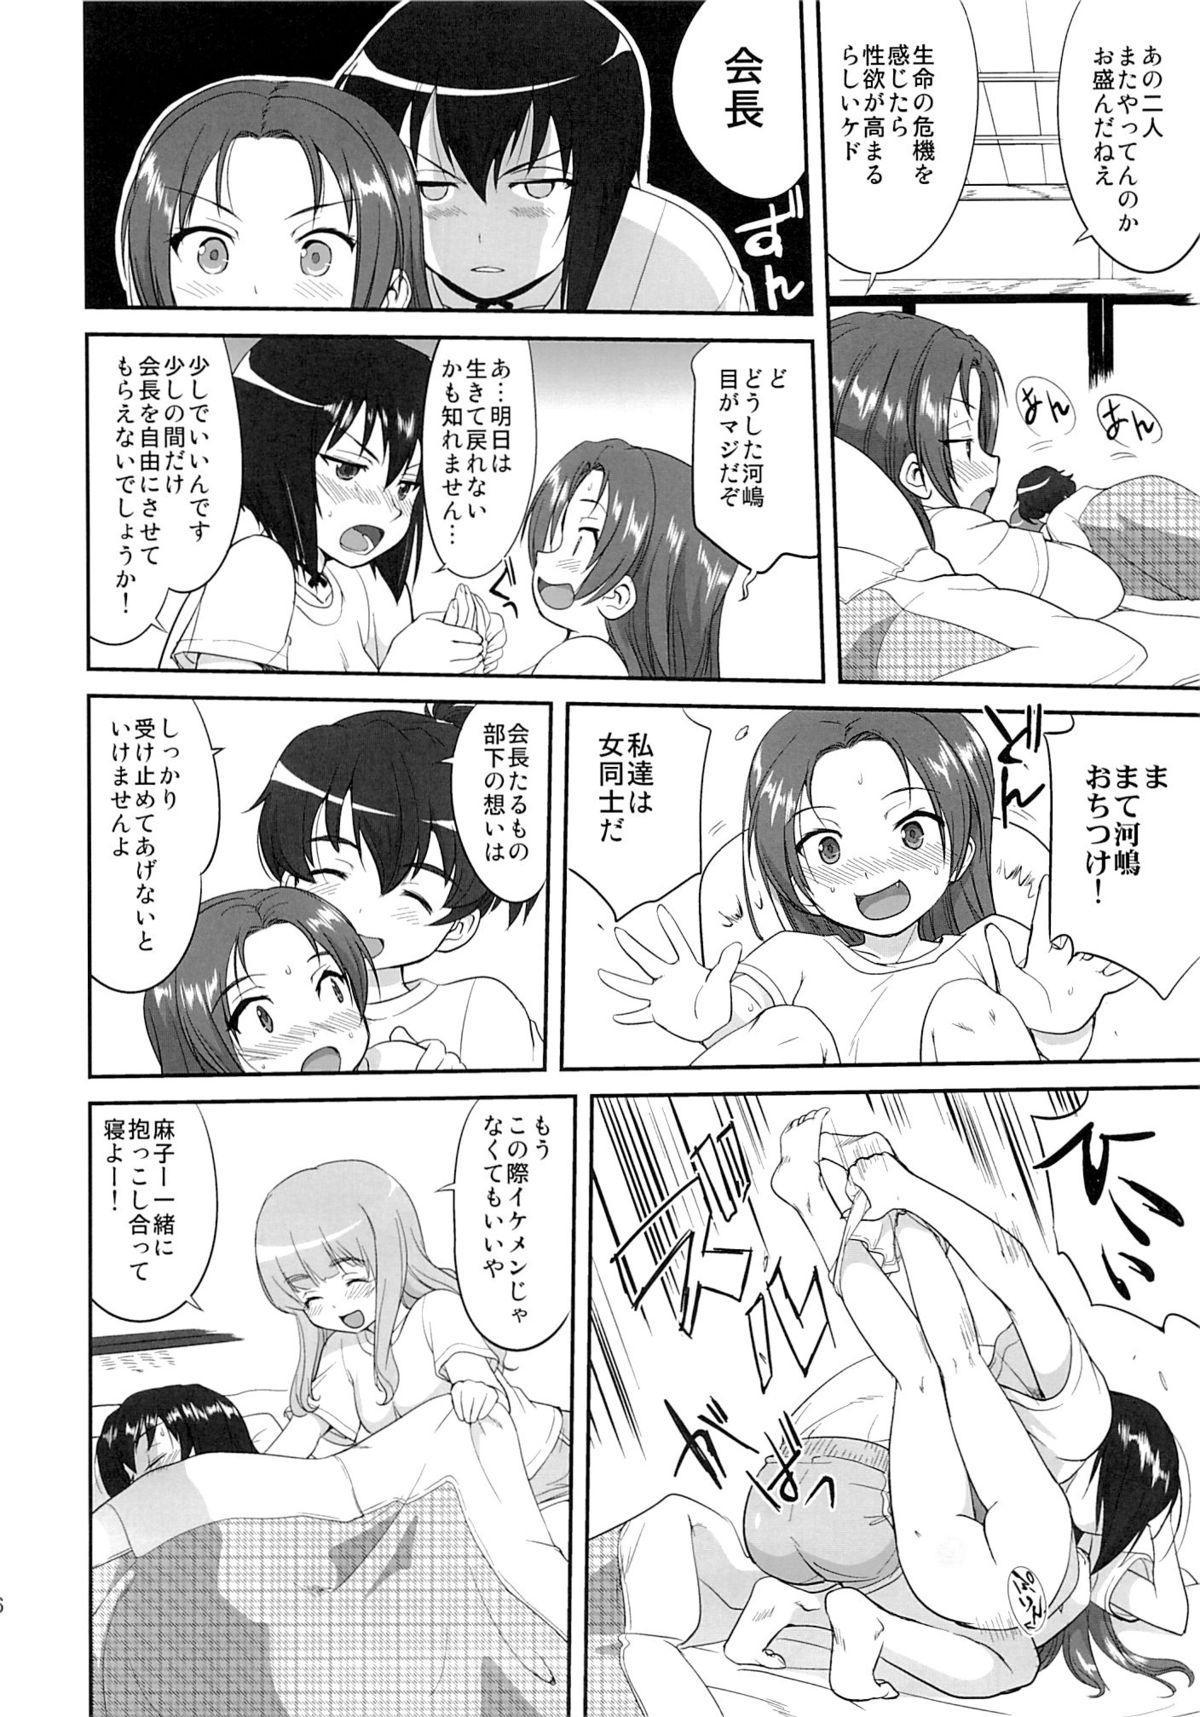 Yukiyukite Senshadou Kuromorimine no Tatakai 14